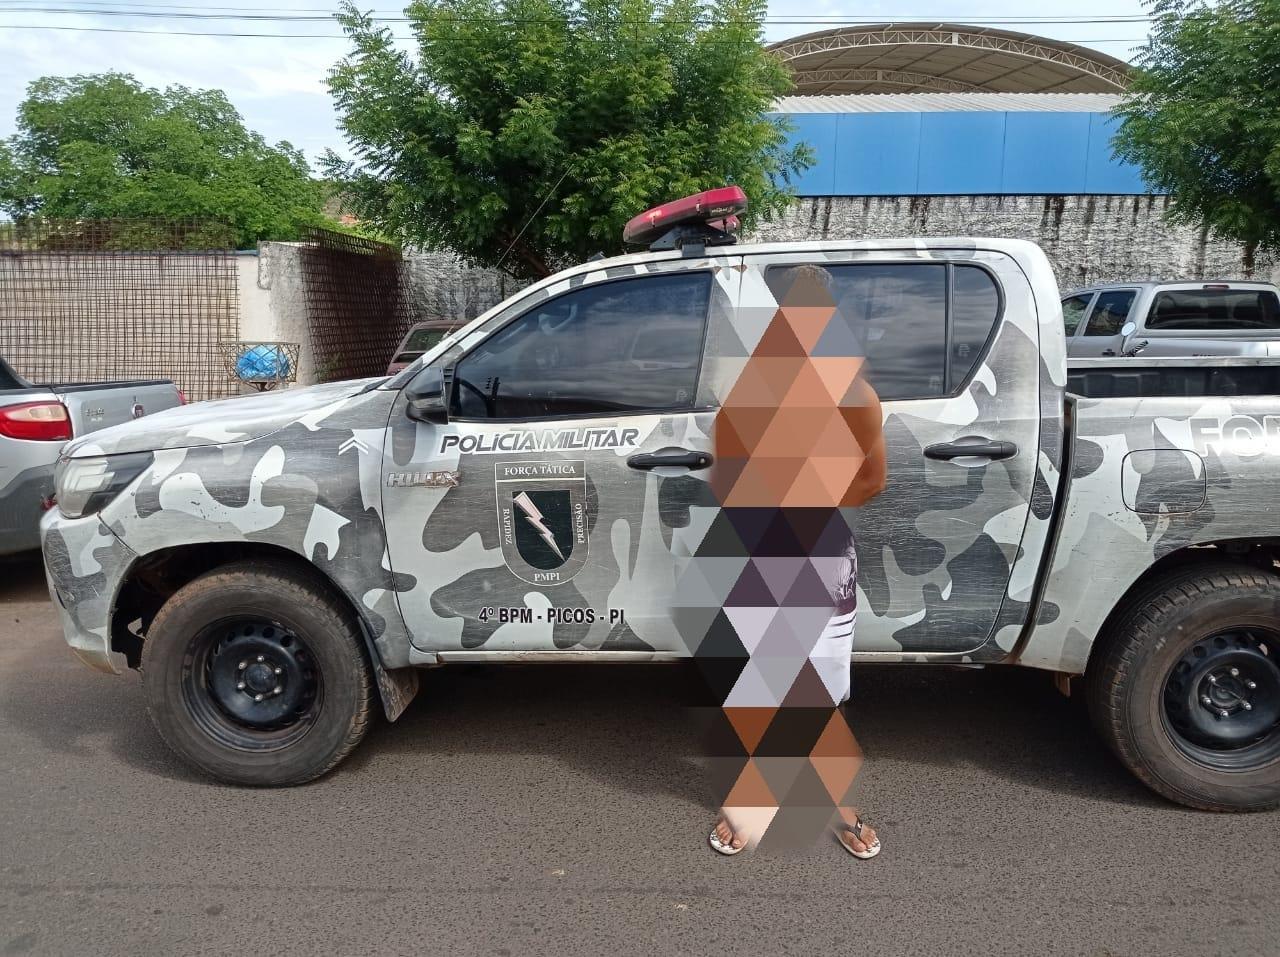 Suspeito foi encaminhado à Central de Flagrantes de Picos (Divulgação)